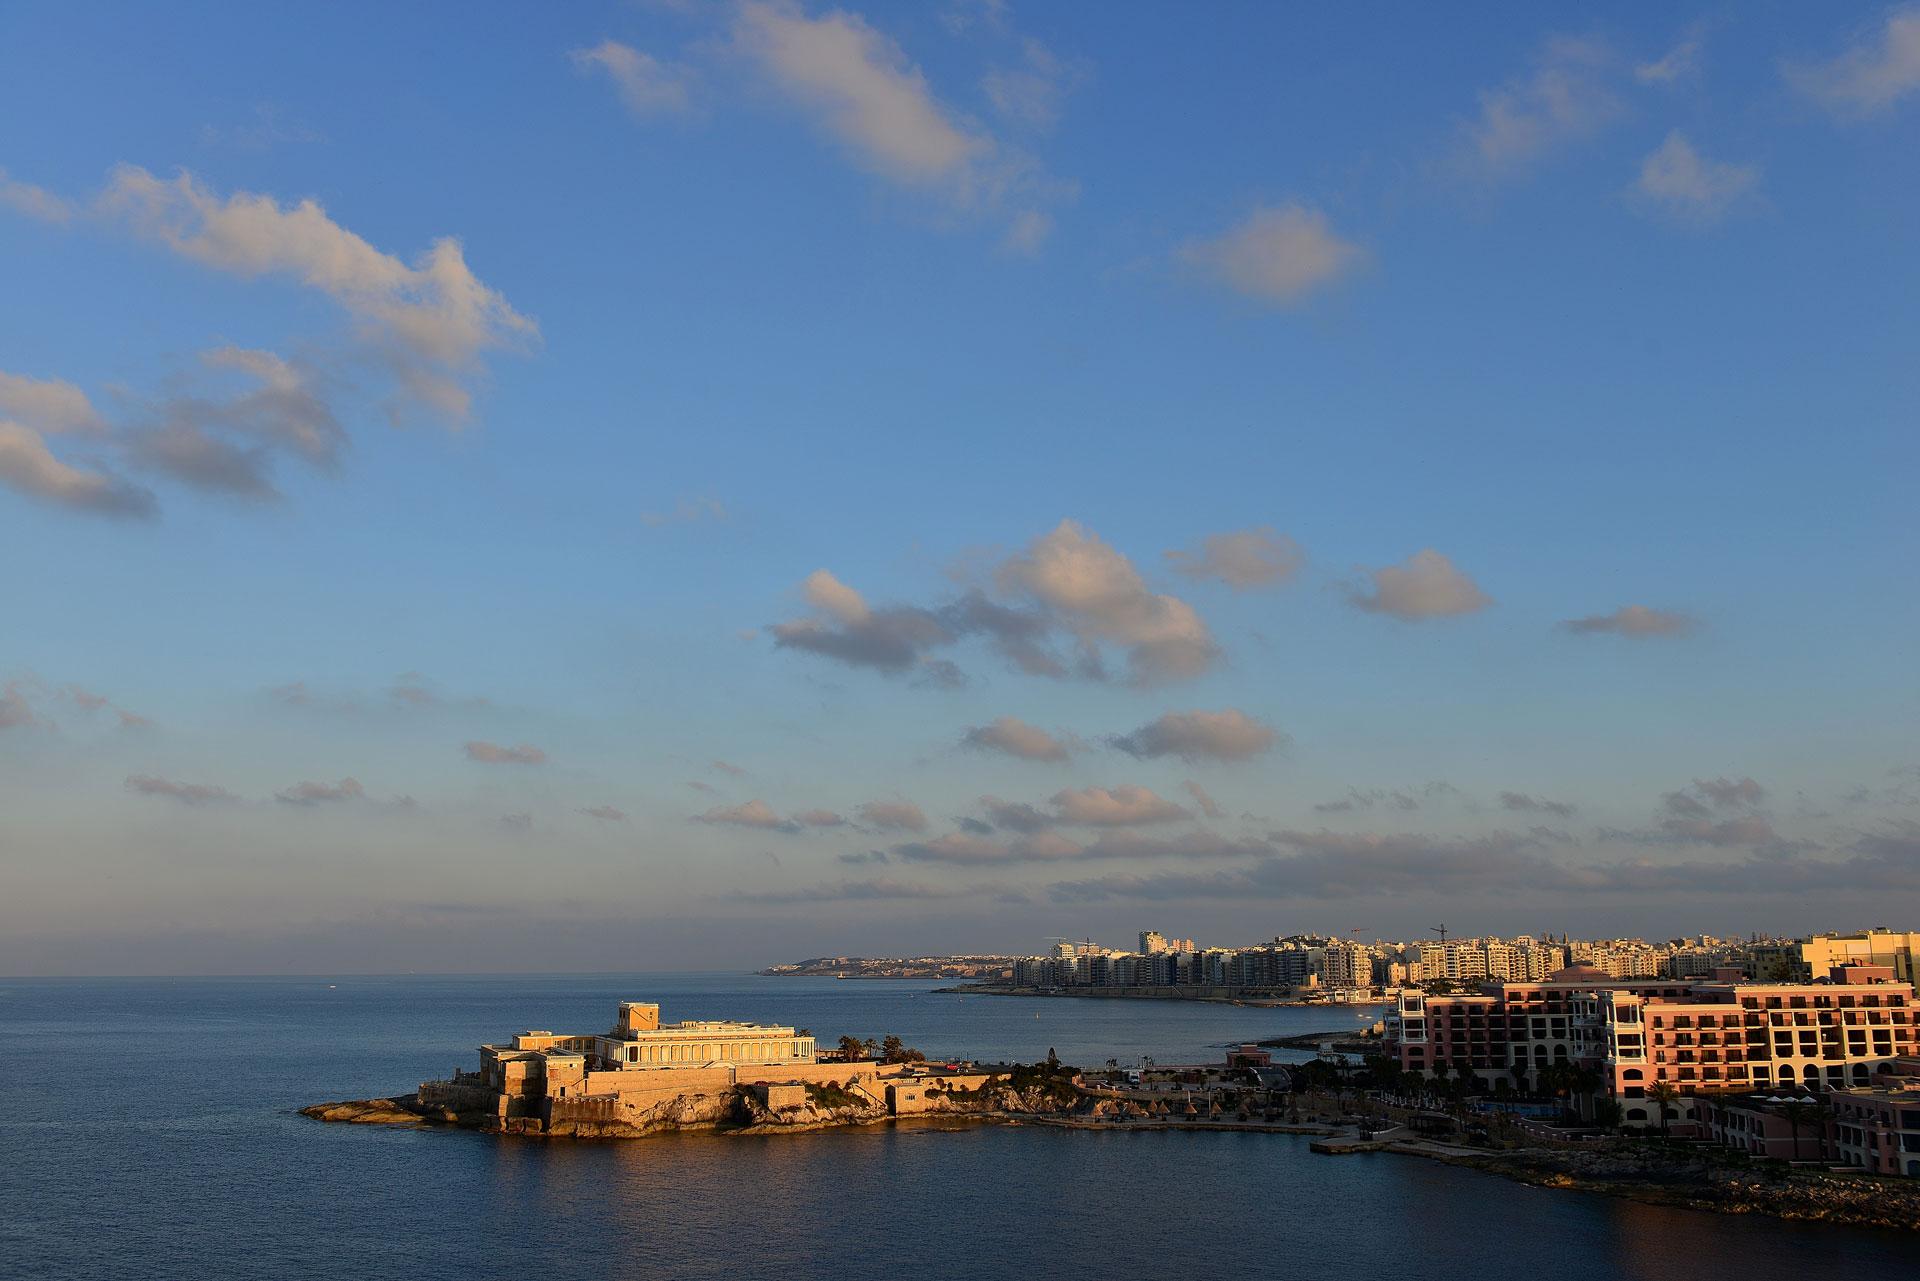 Viaggio-a-Malta-e-Gozo-tra-spiagge,-storia-e-monumenti---le-città-e-il-mare